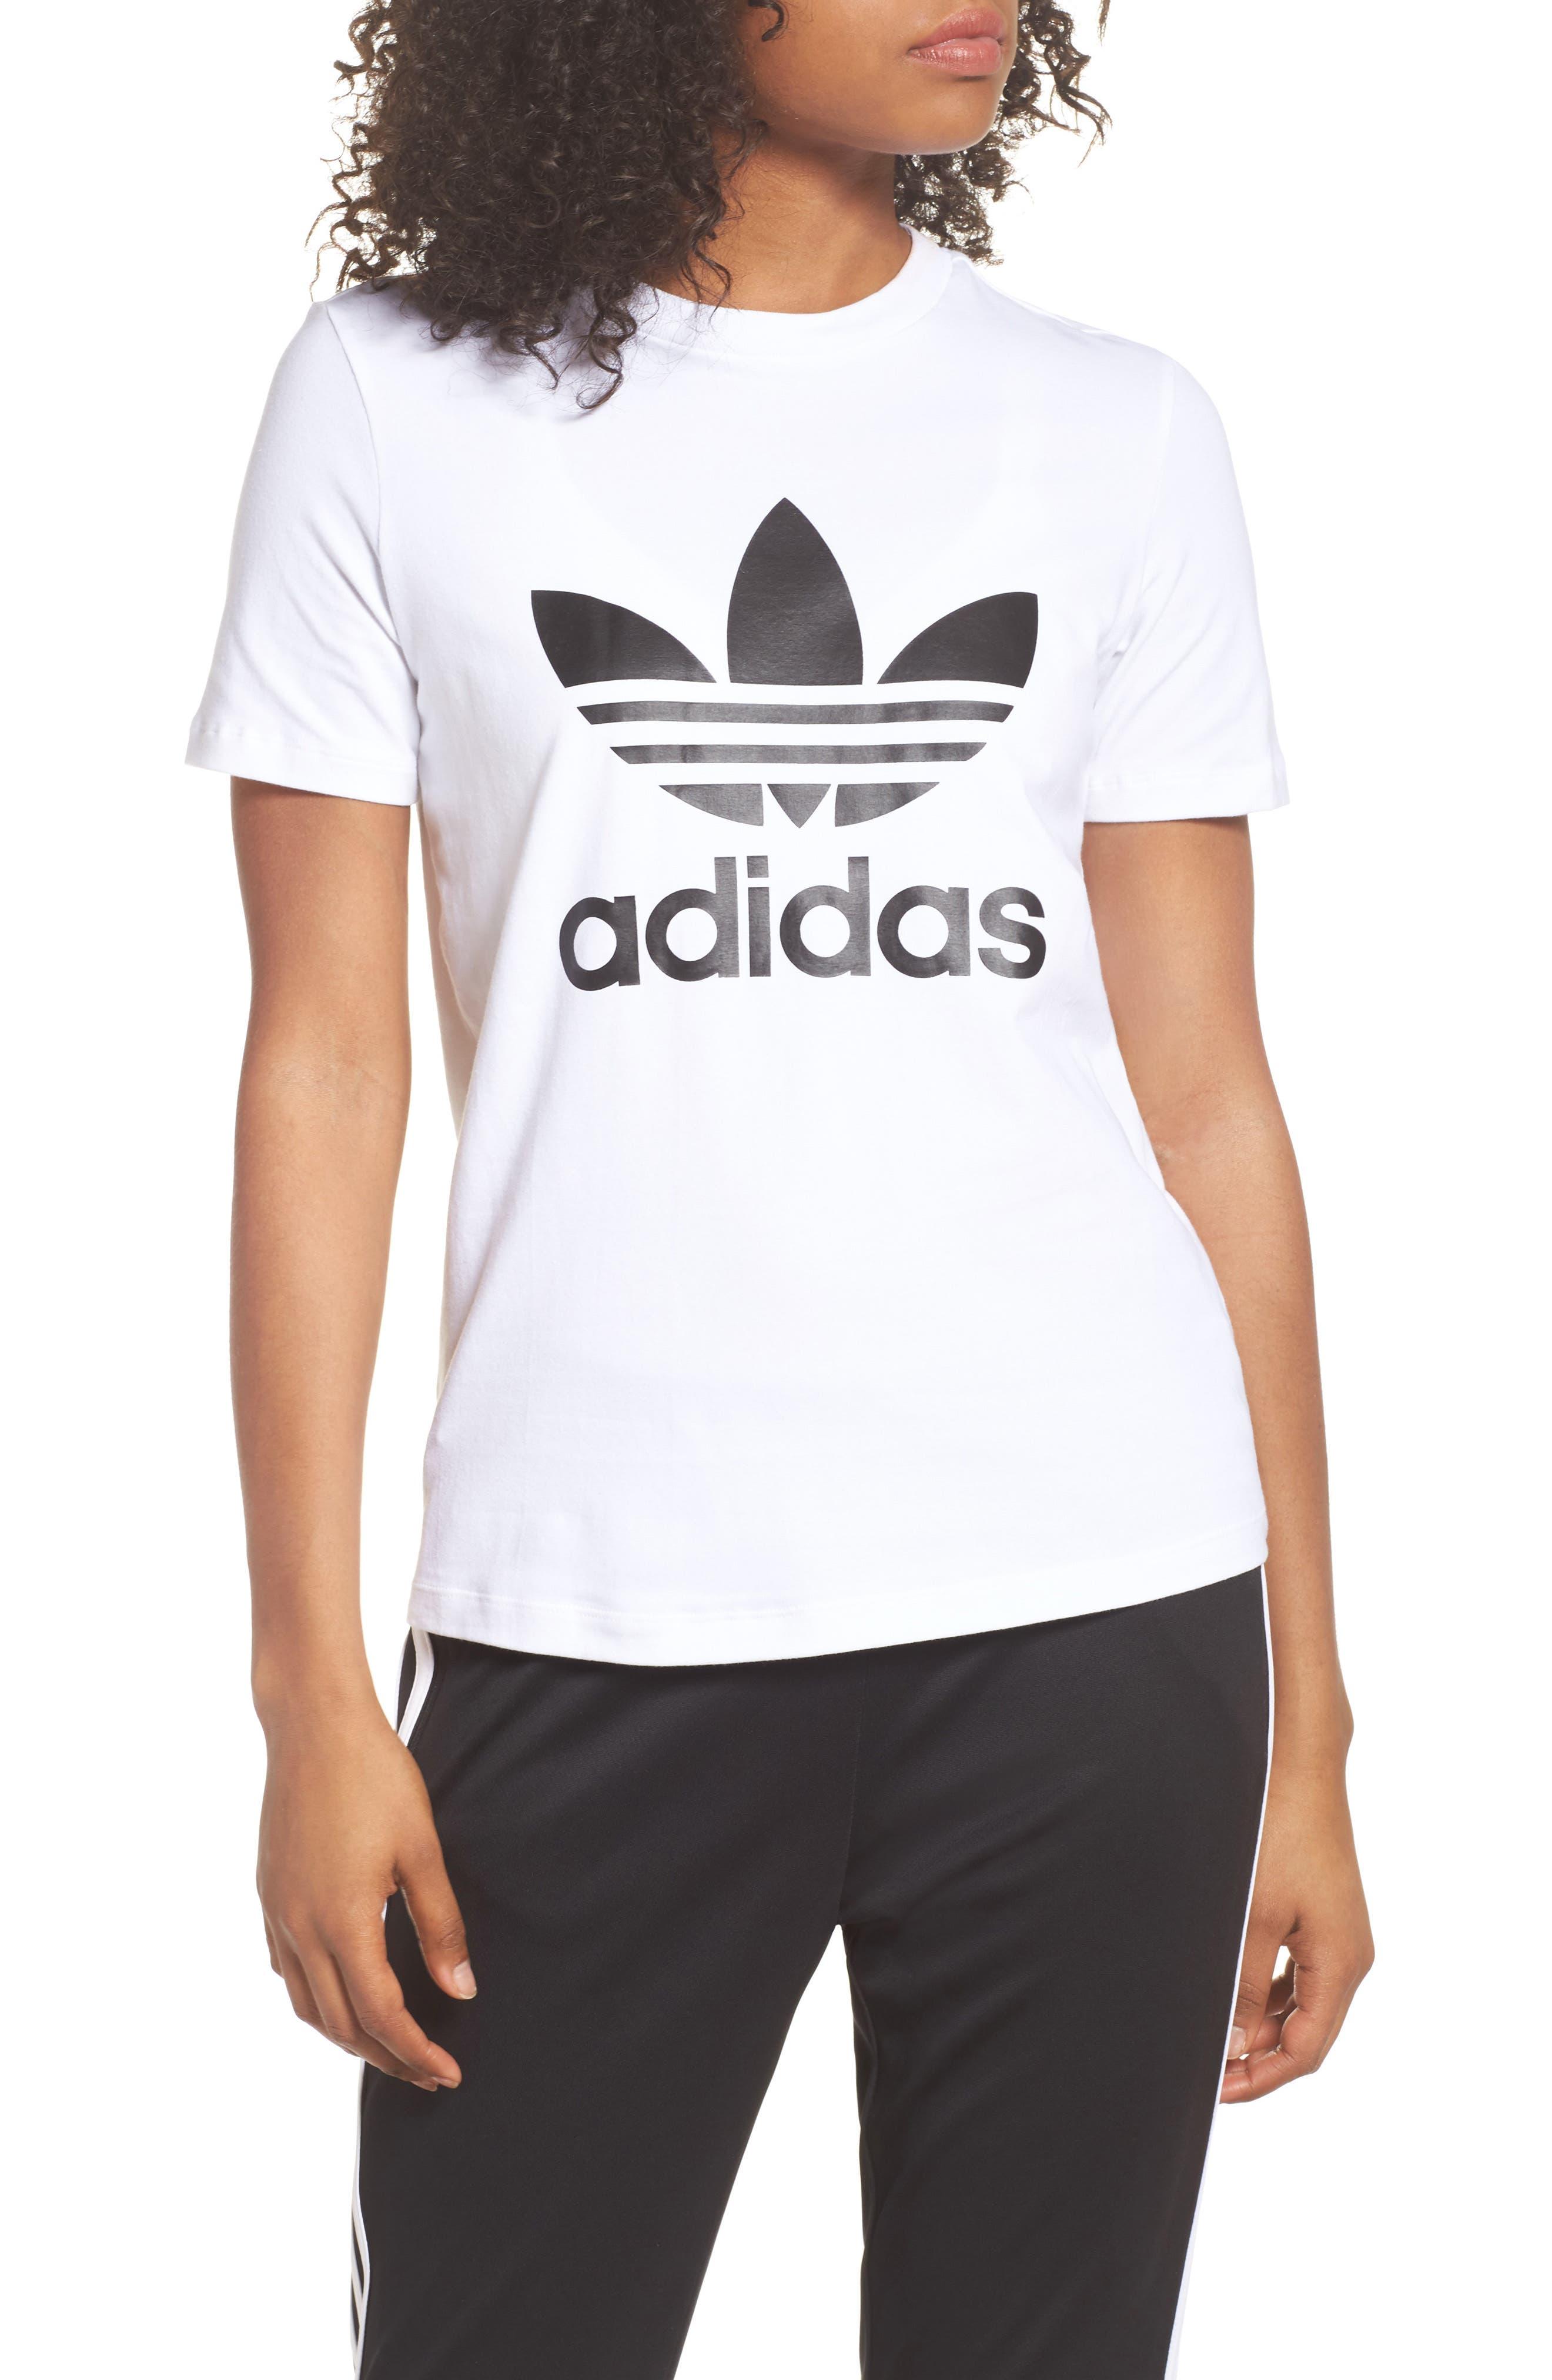 Adidas Trefoil Tee, White